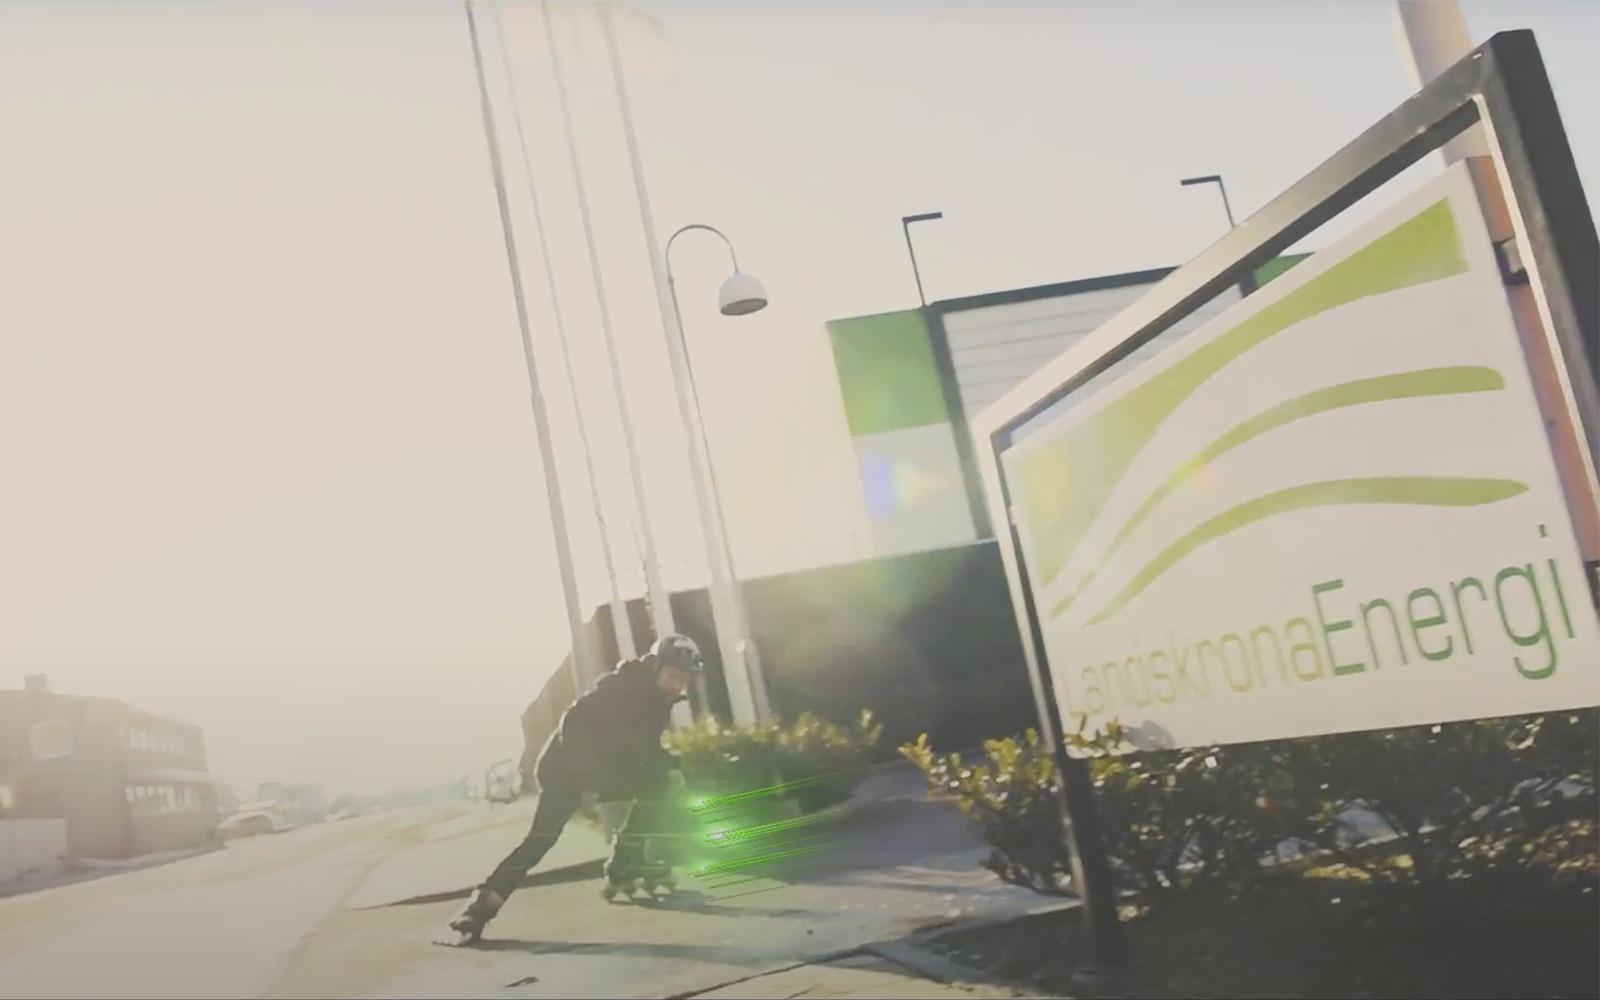 Landskrona Energi skylt